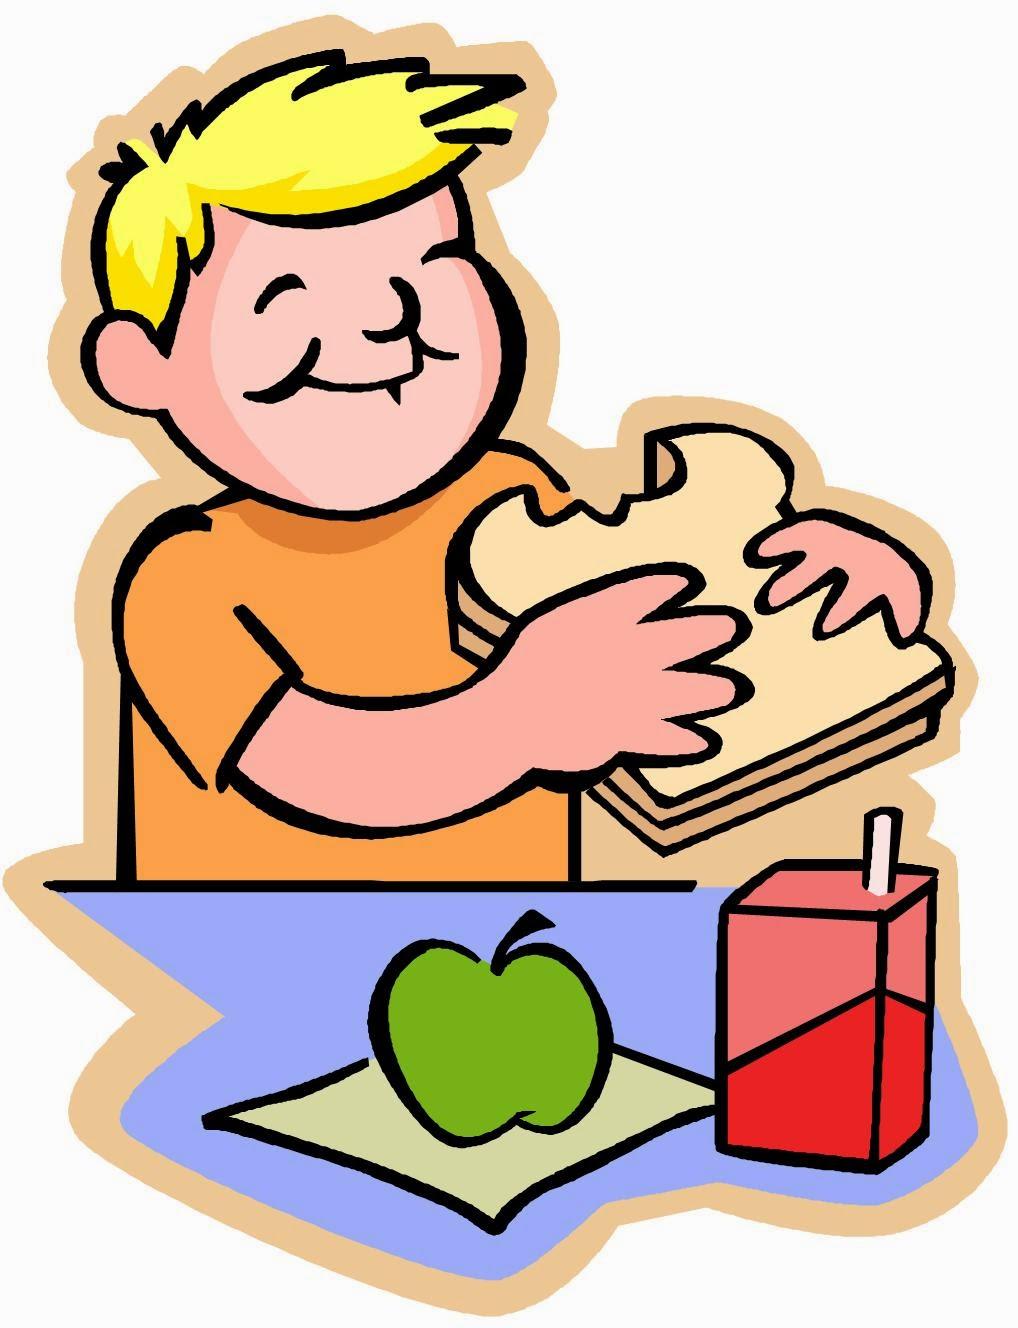 840 Gambar Kartun Orang Sedang Makan Terbaru Gambar Kantun